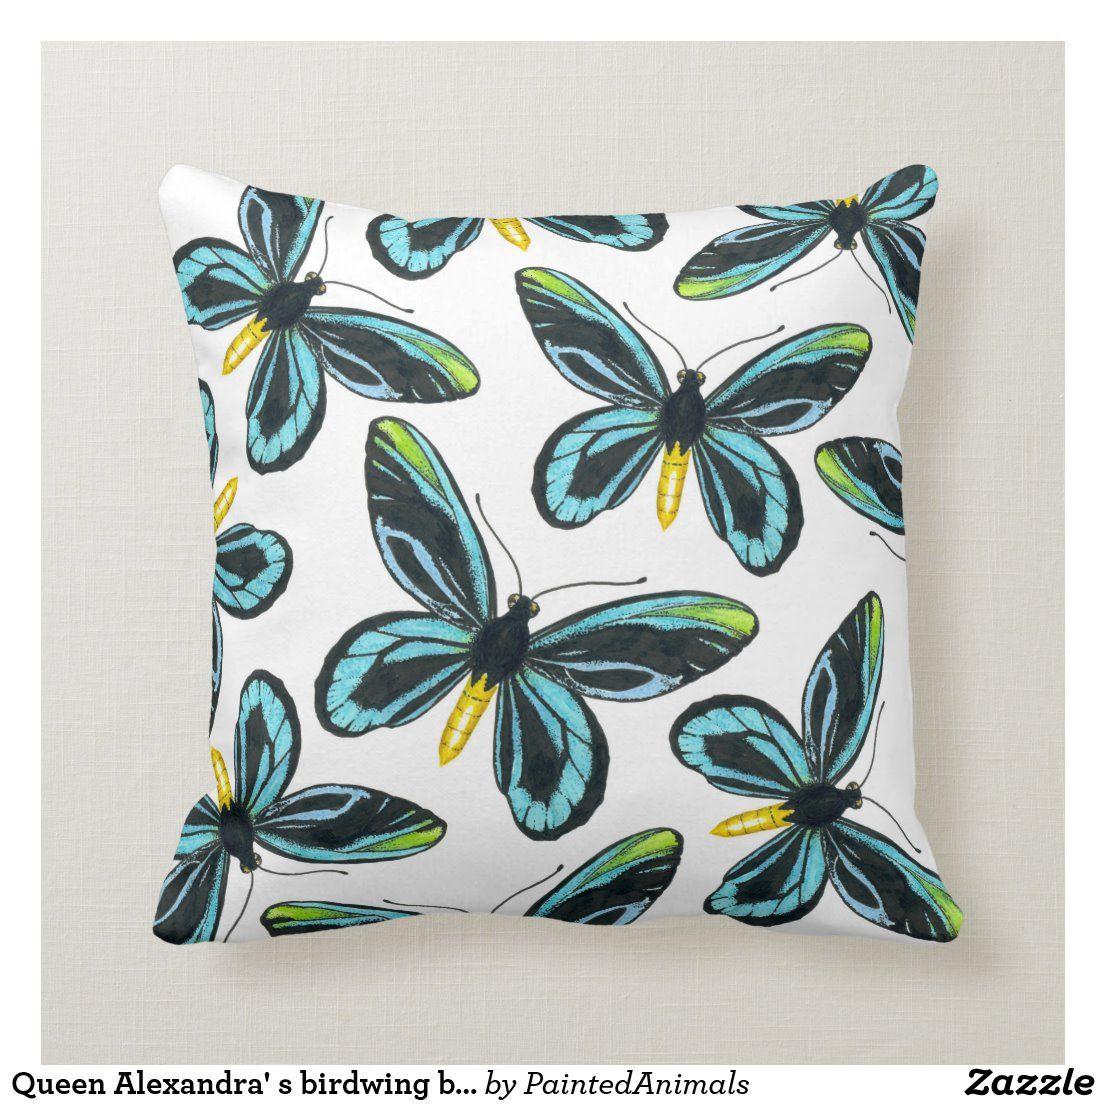 Queen Alexandra S Birdwing Butterfly Pattern Throw Pillow Zazzle Com In 2020 Throw Pillows Patterned Throw Pillows Butterfly Pattern